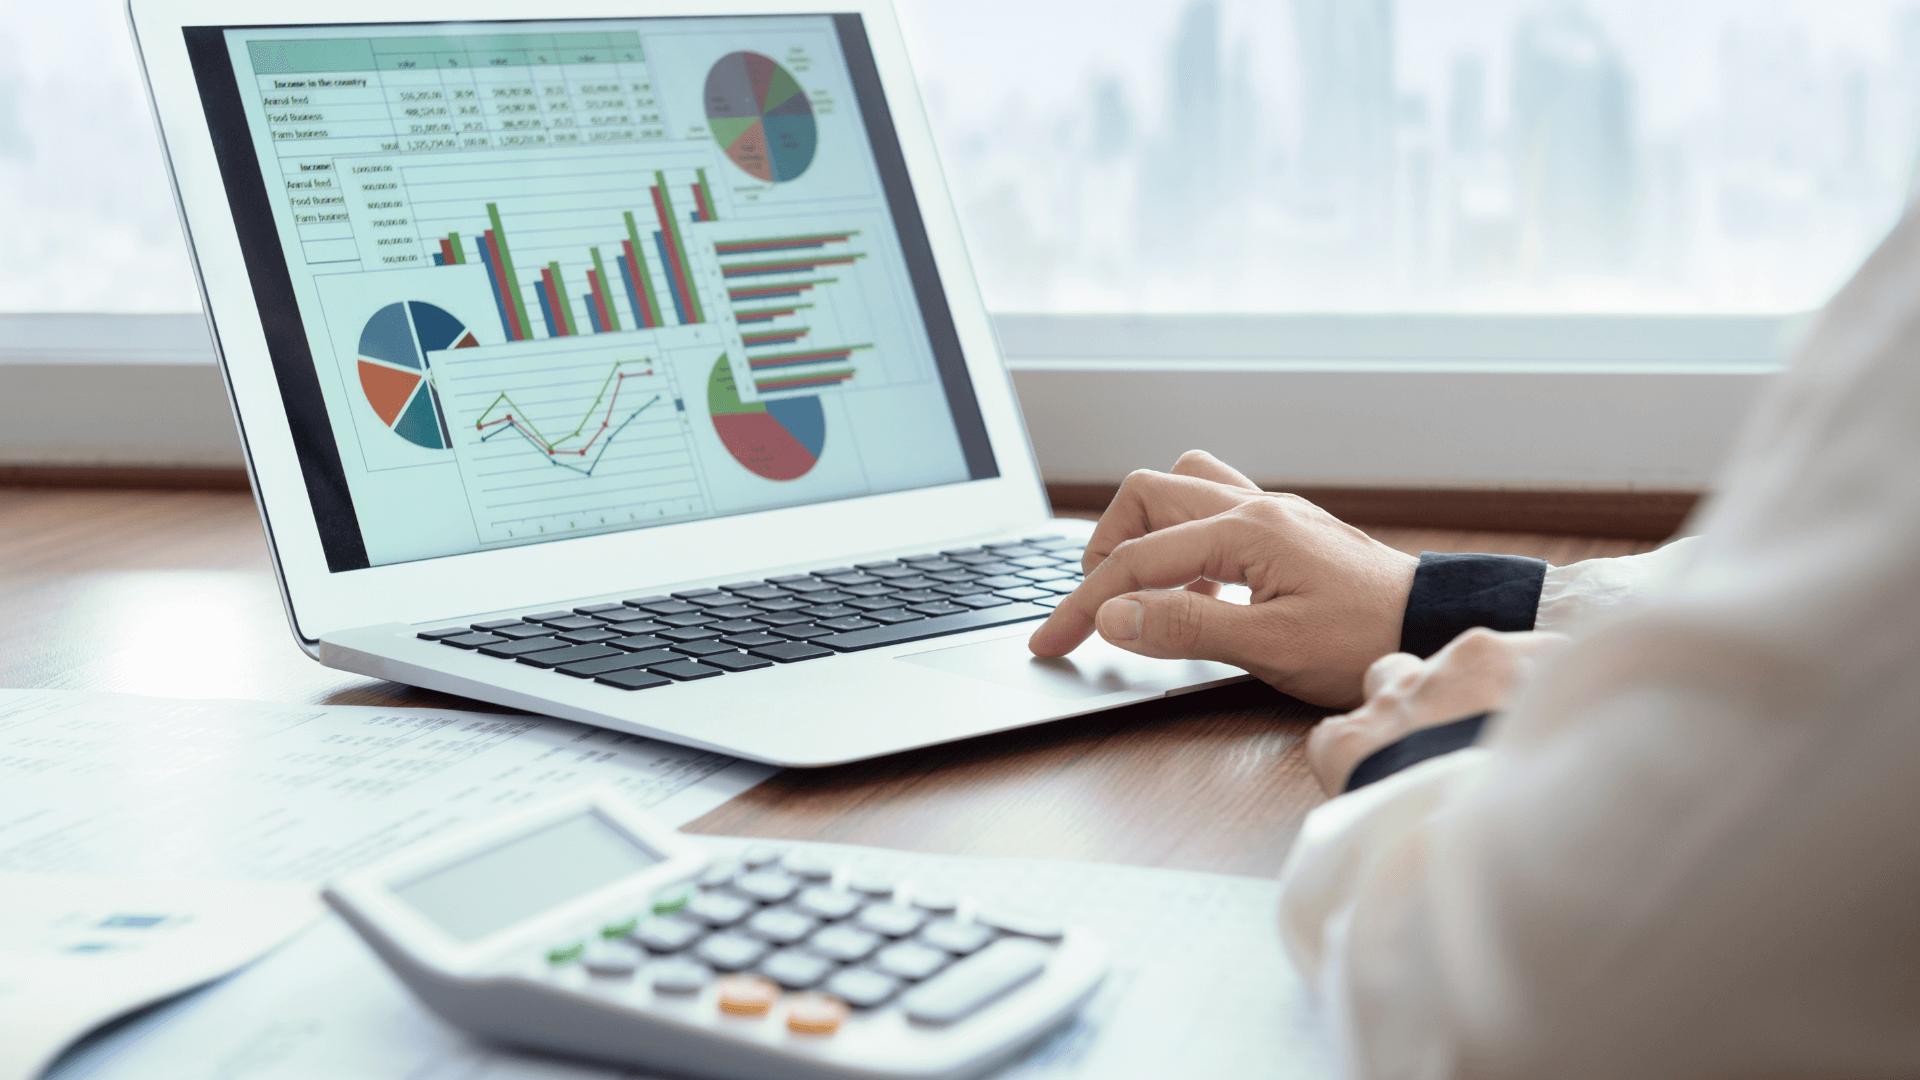 Bărbat care analizează statistici pentru segmentarea pieței